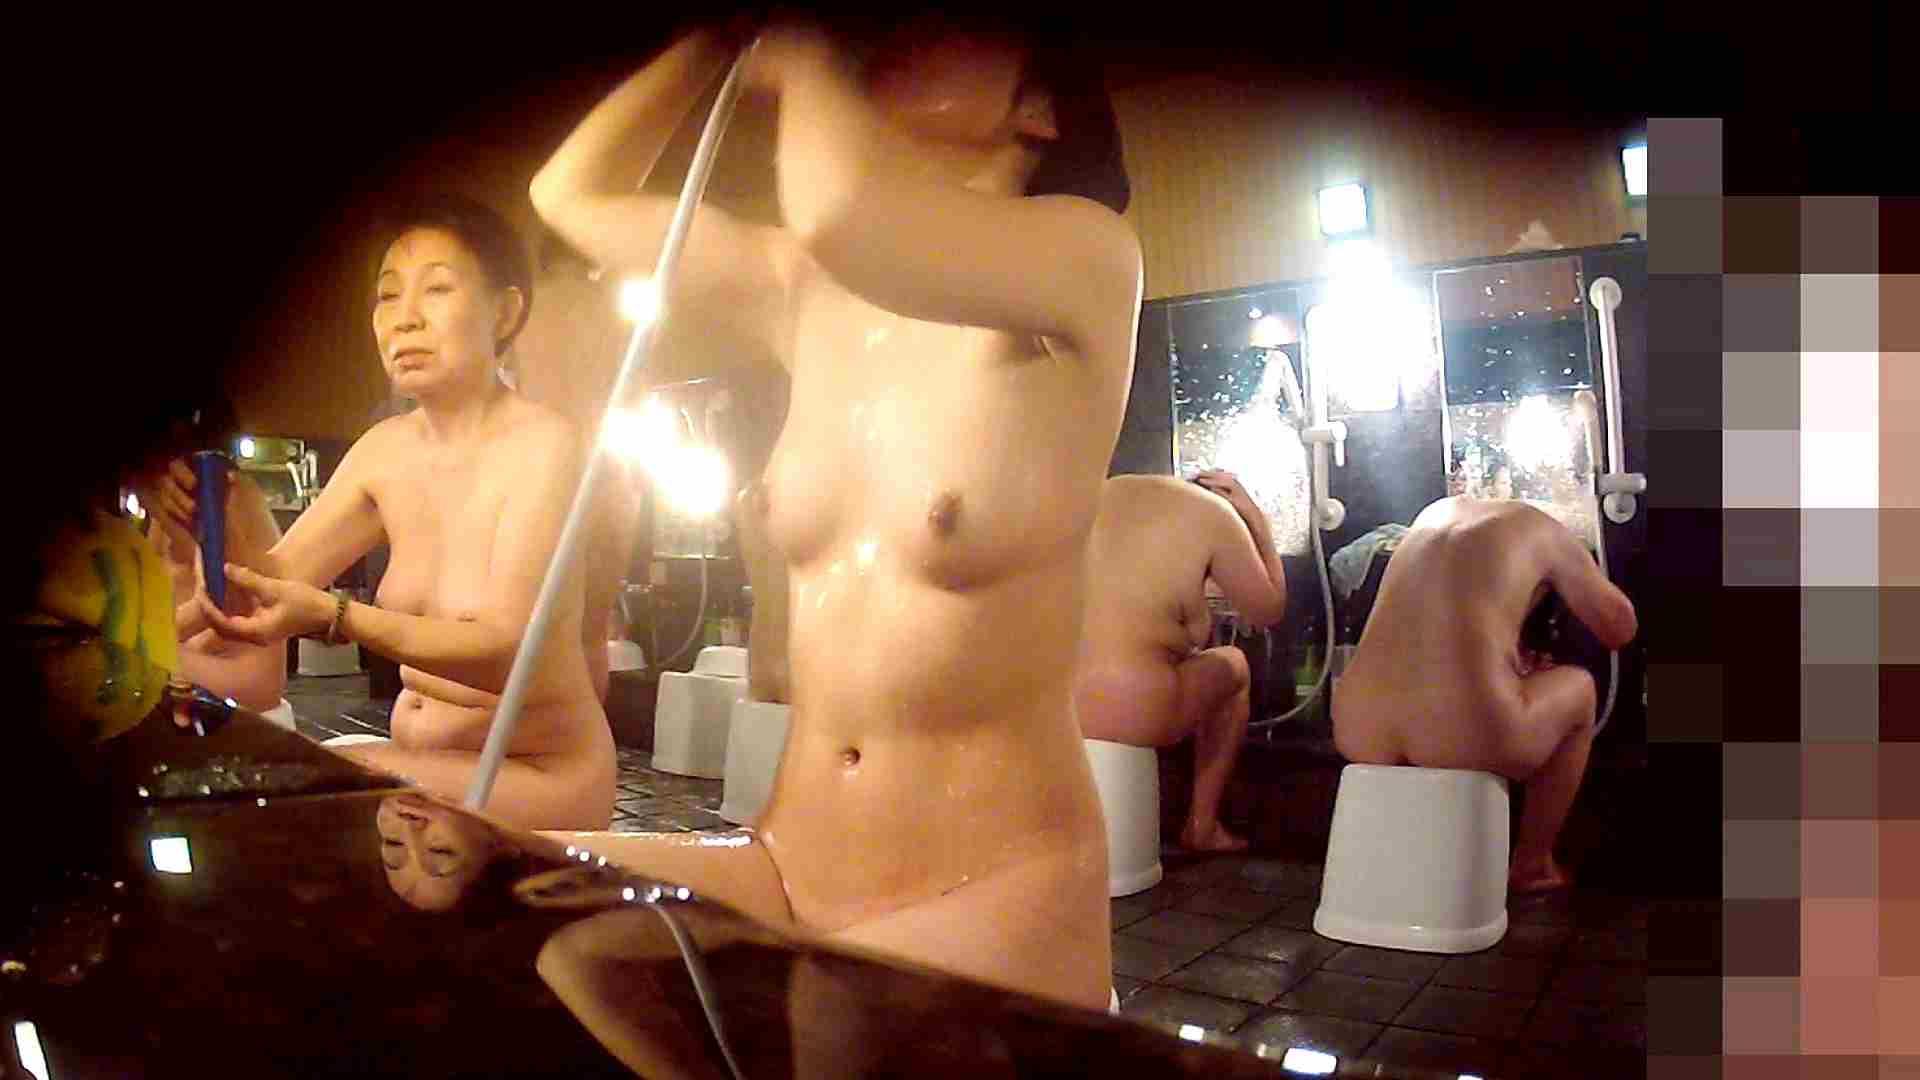 洗い場!陰毛が綺麗に整ってる微美人お嬢様 潜入  64pic 21